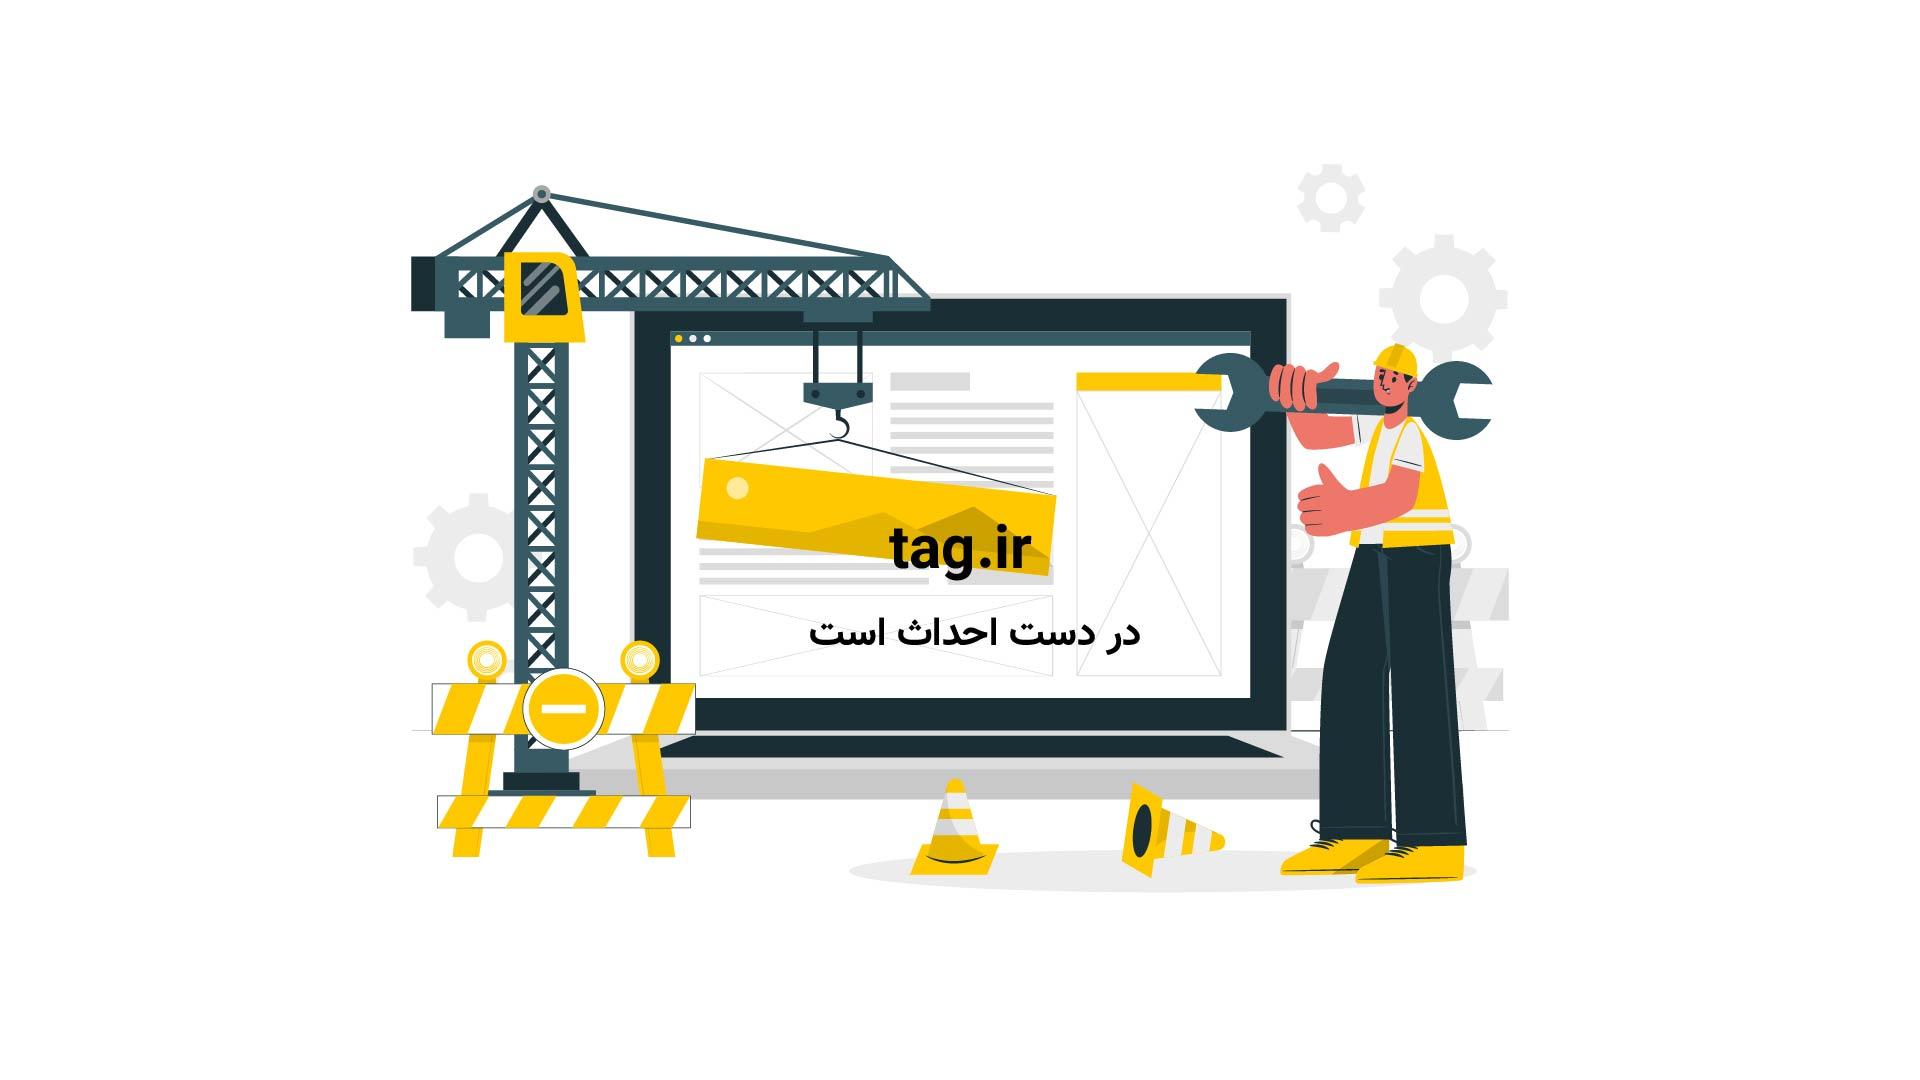 سخنرانیهای تد؛ رمزگشایی از اثر گم شده ارشمیدس | فیلم